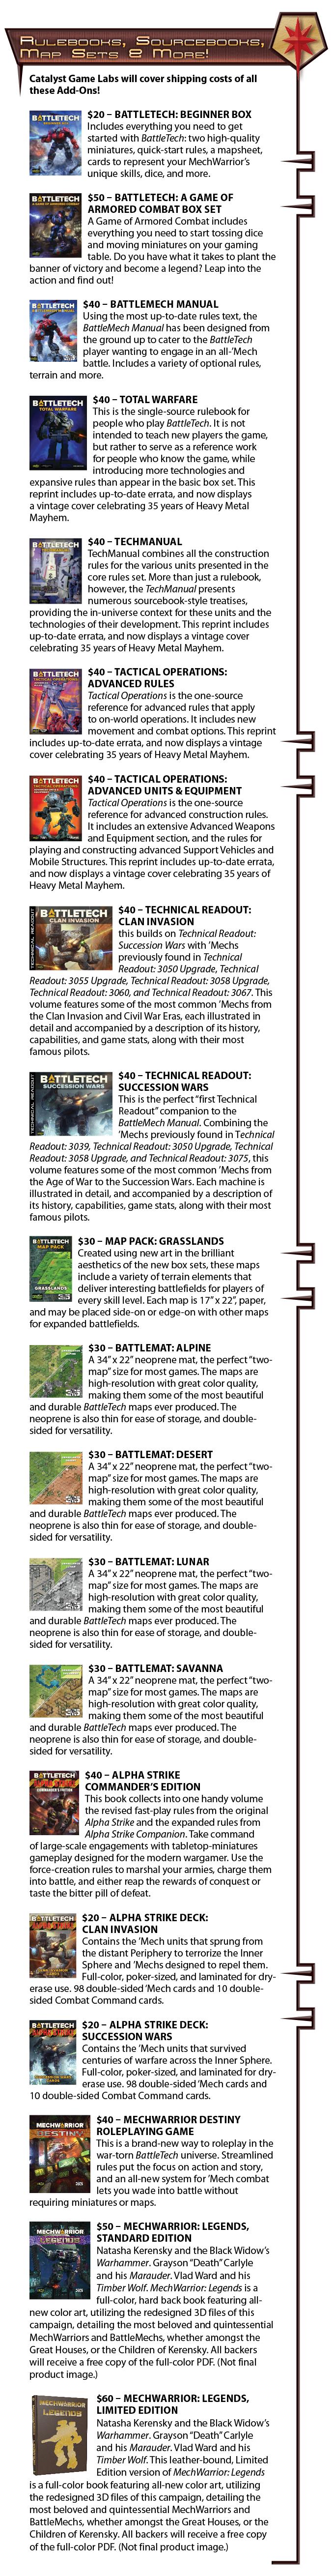 BattleTech: Clan Invasion by Catalyst Games — Kickstarter